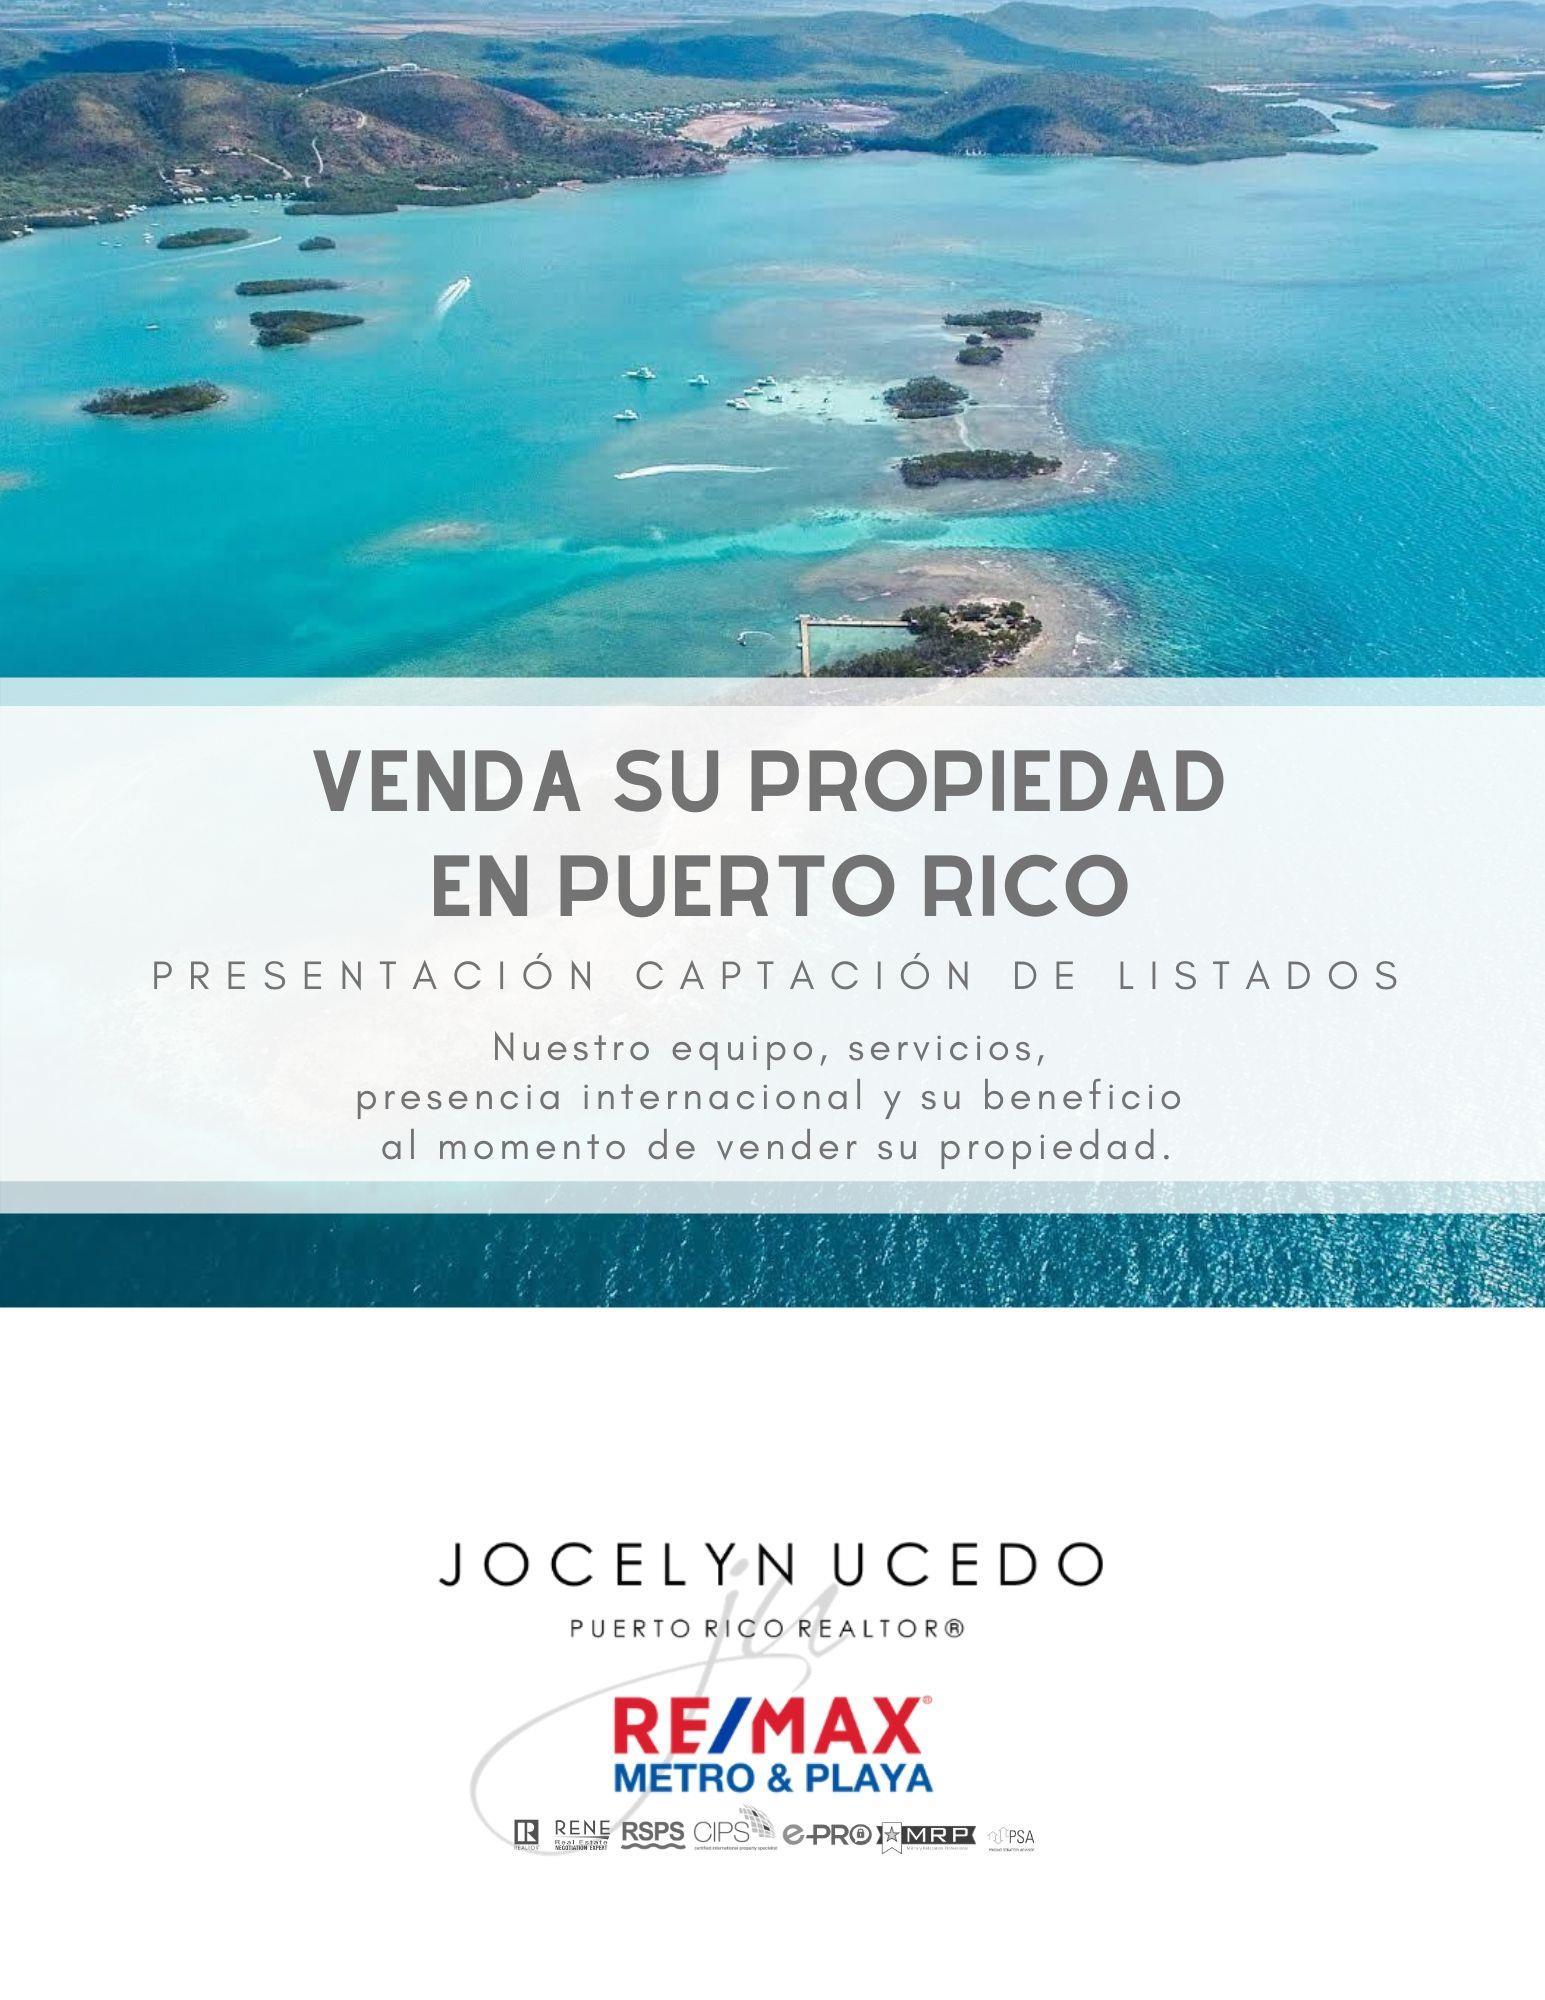 Venda su propiedad en Puerto Rico con REMAX